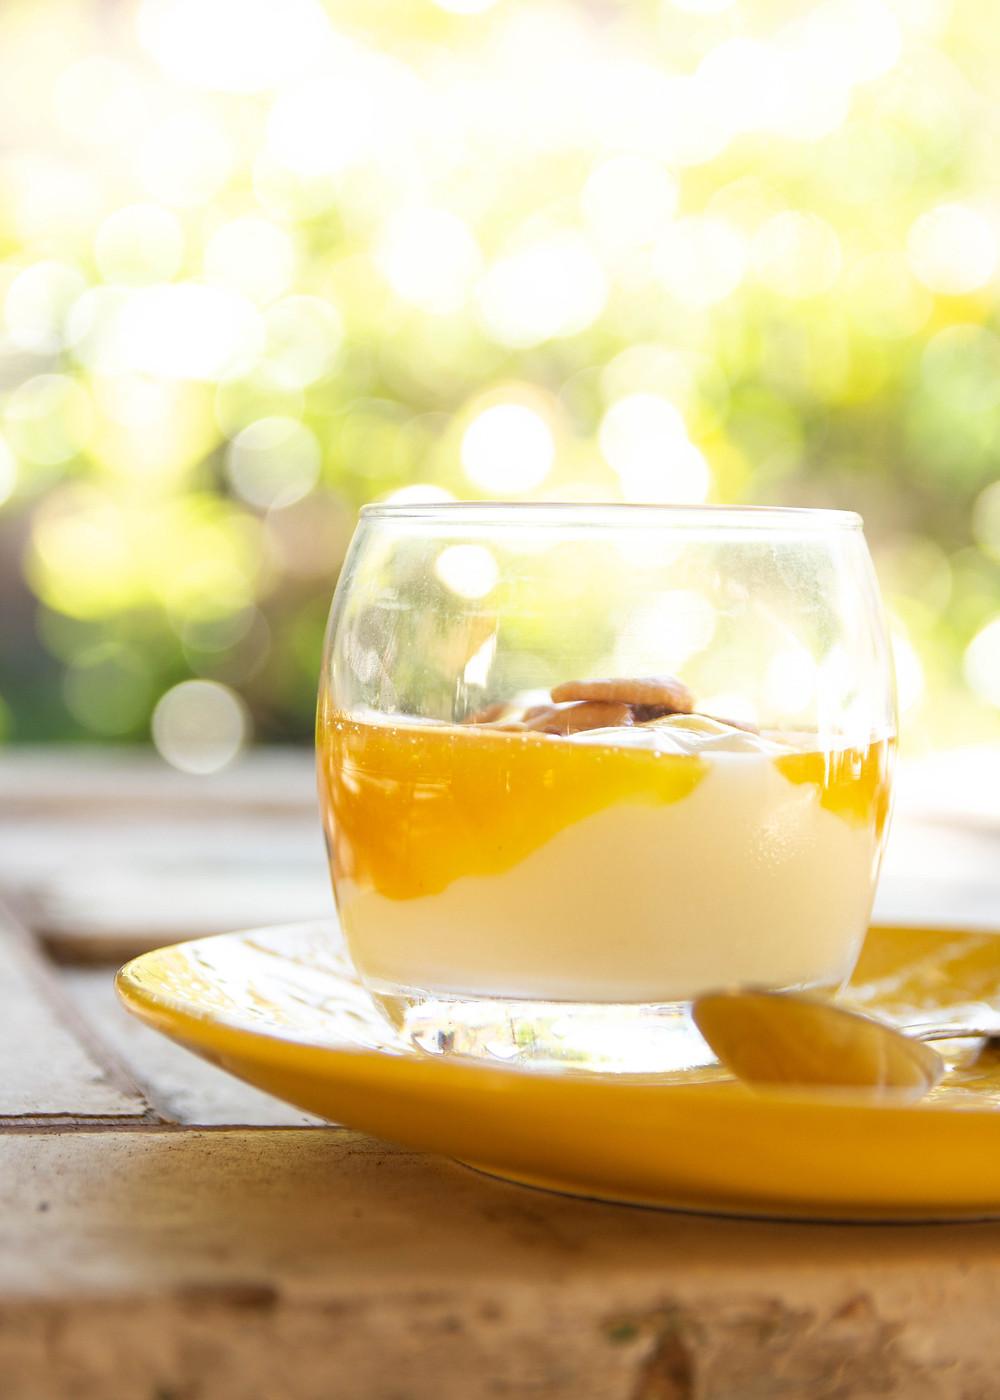 Iogurte natural com geleia de frutas amarelas e castanha de caju. Saúde e sabor no café-da-manhã